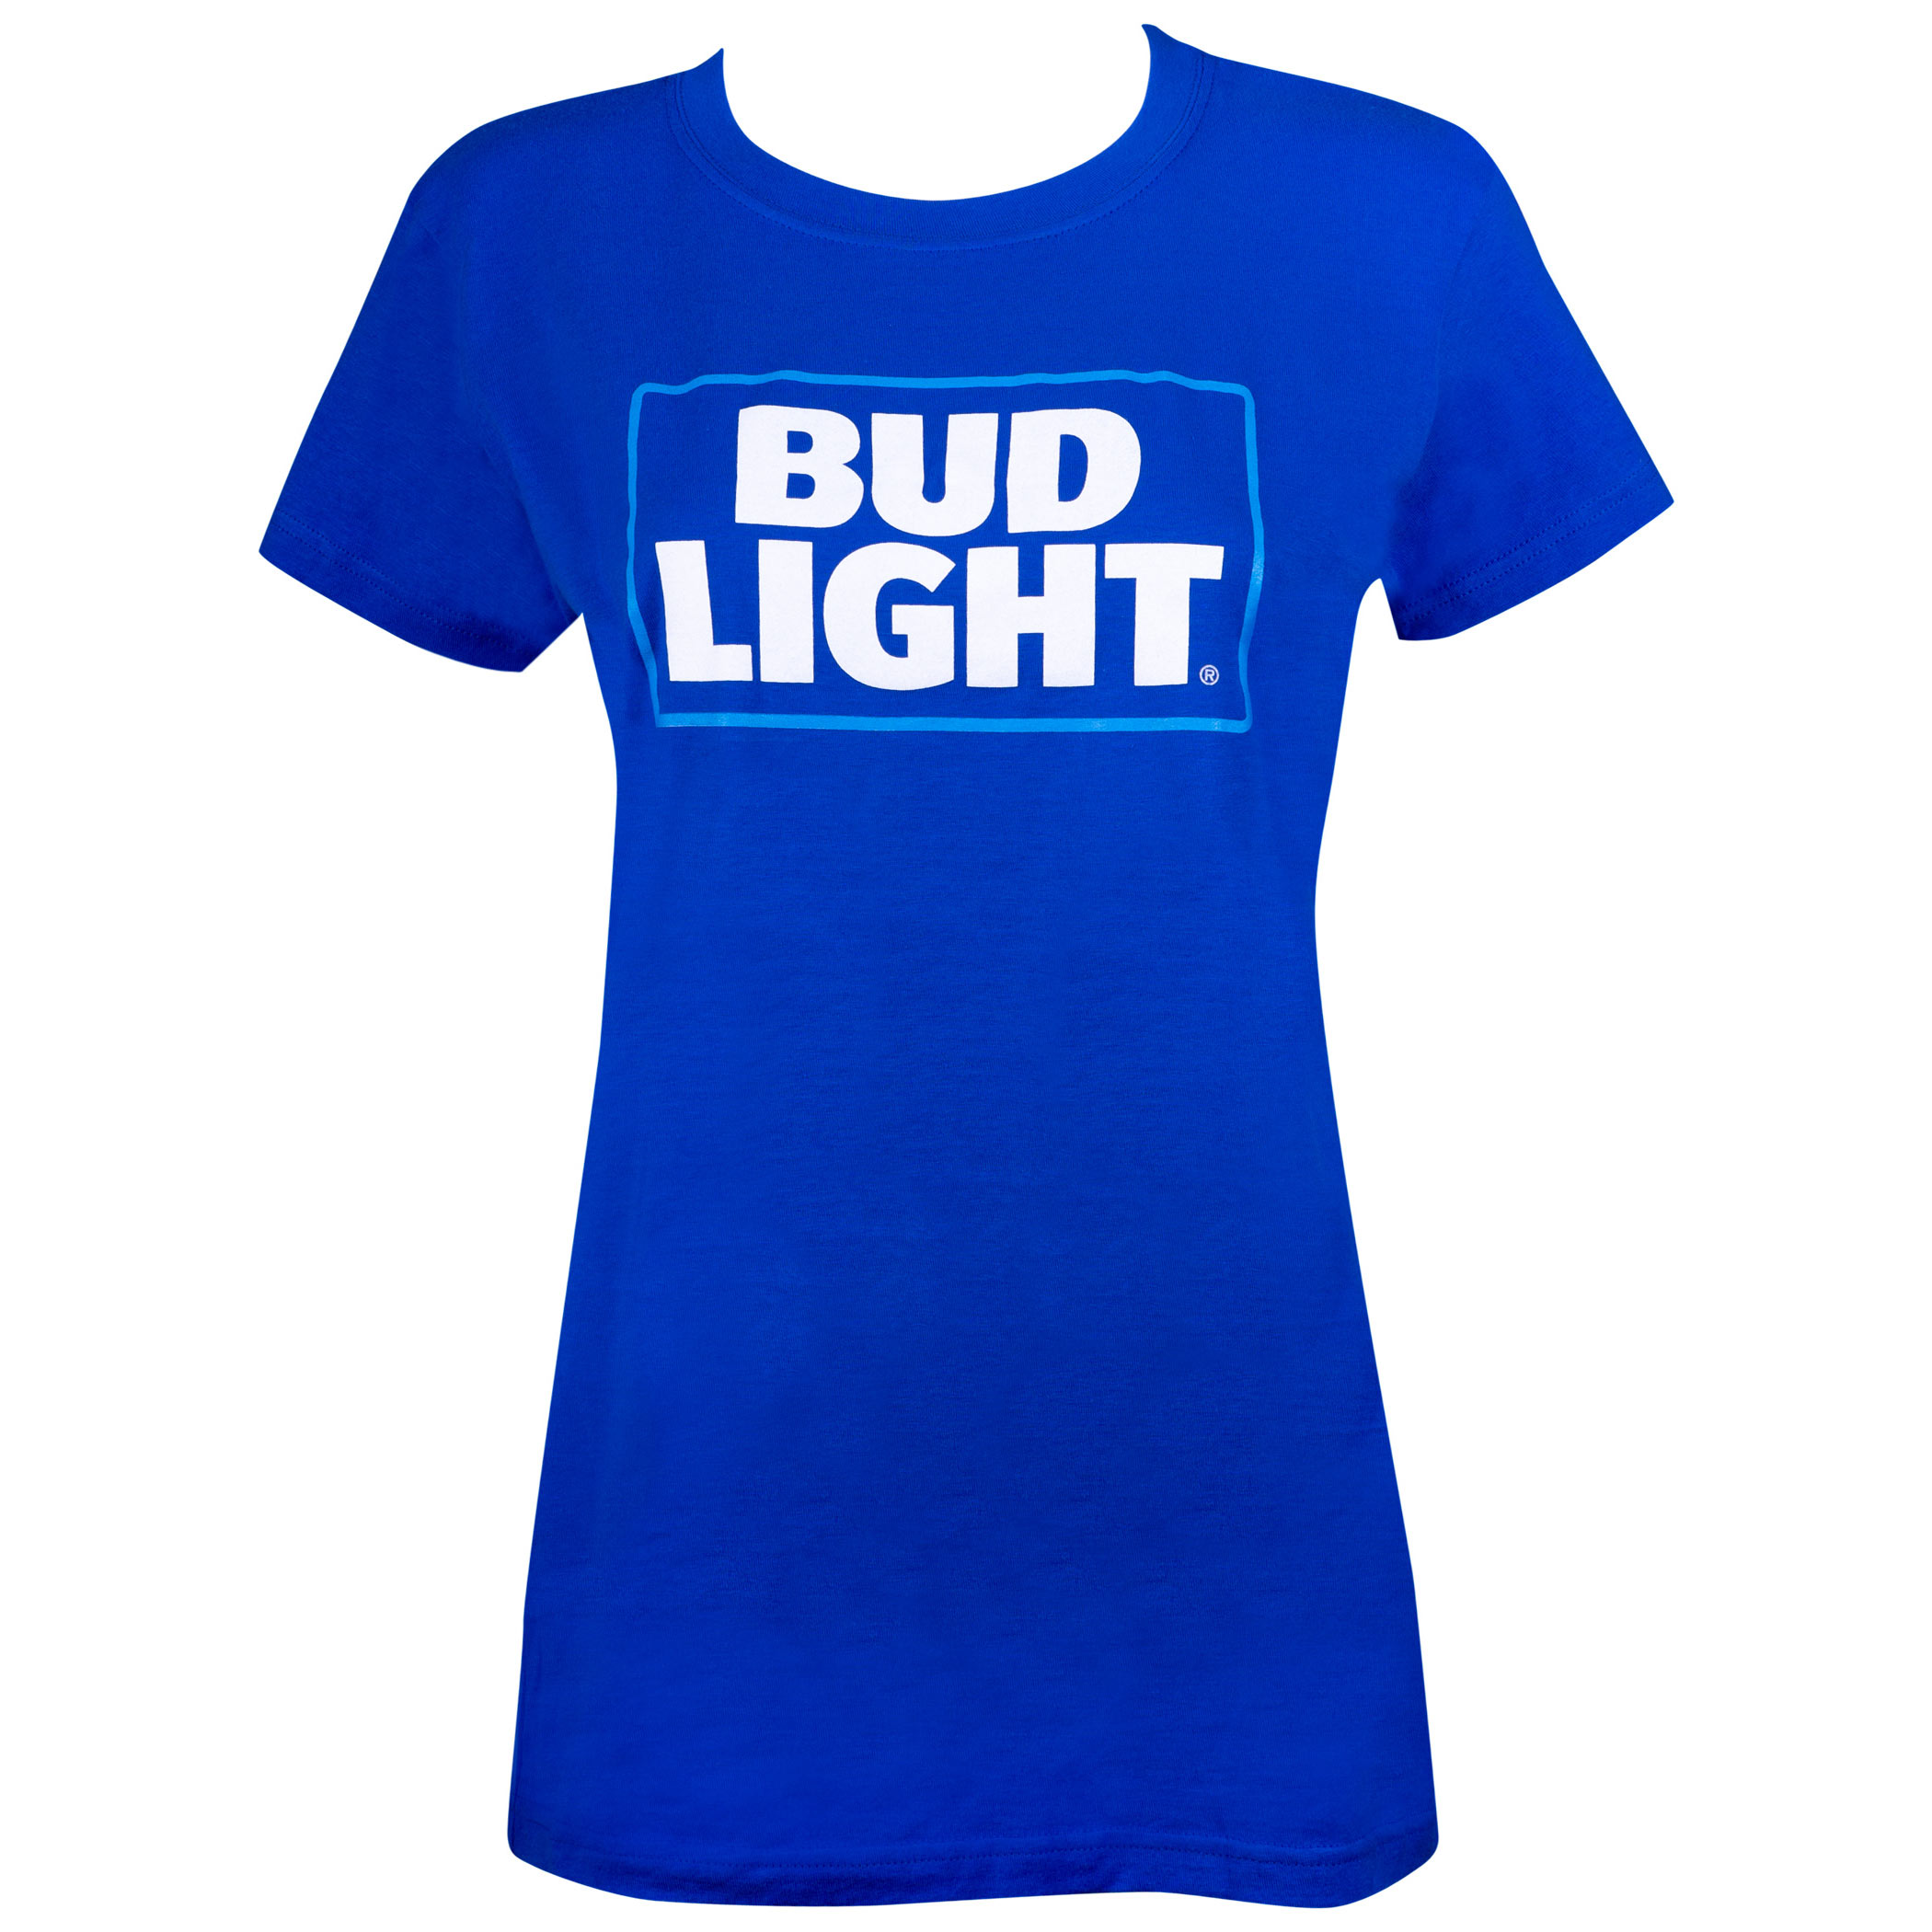 Bud Light Box Logo Women's Blue Tshirt